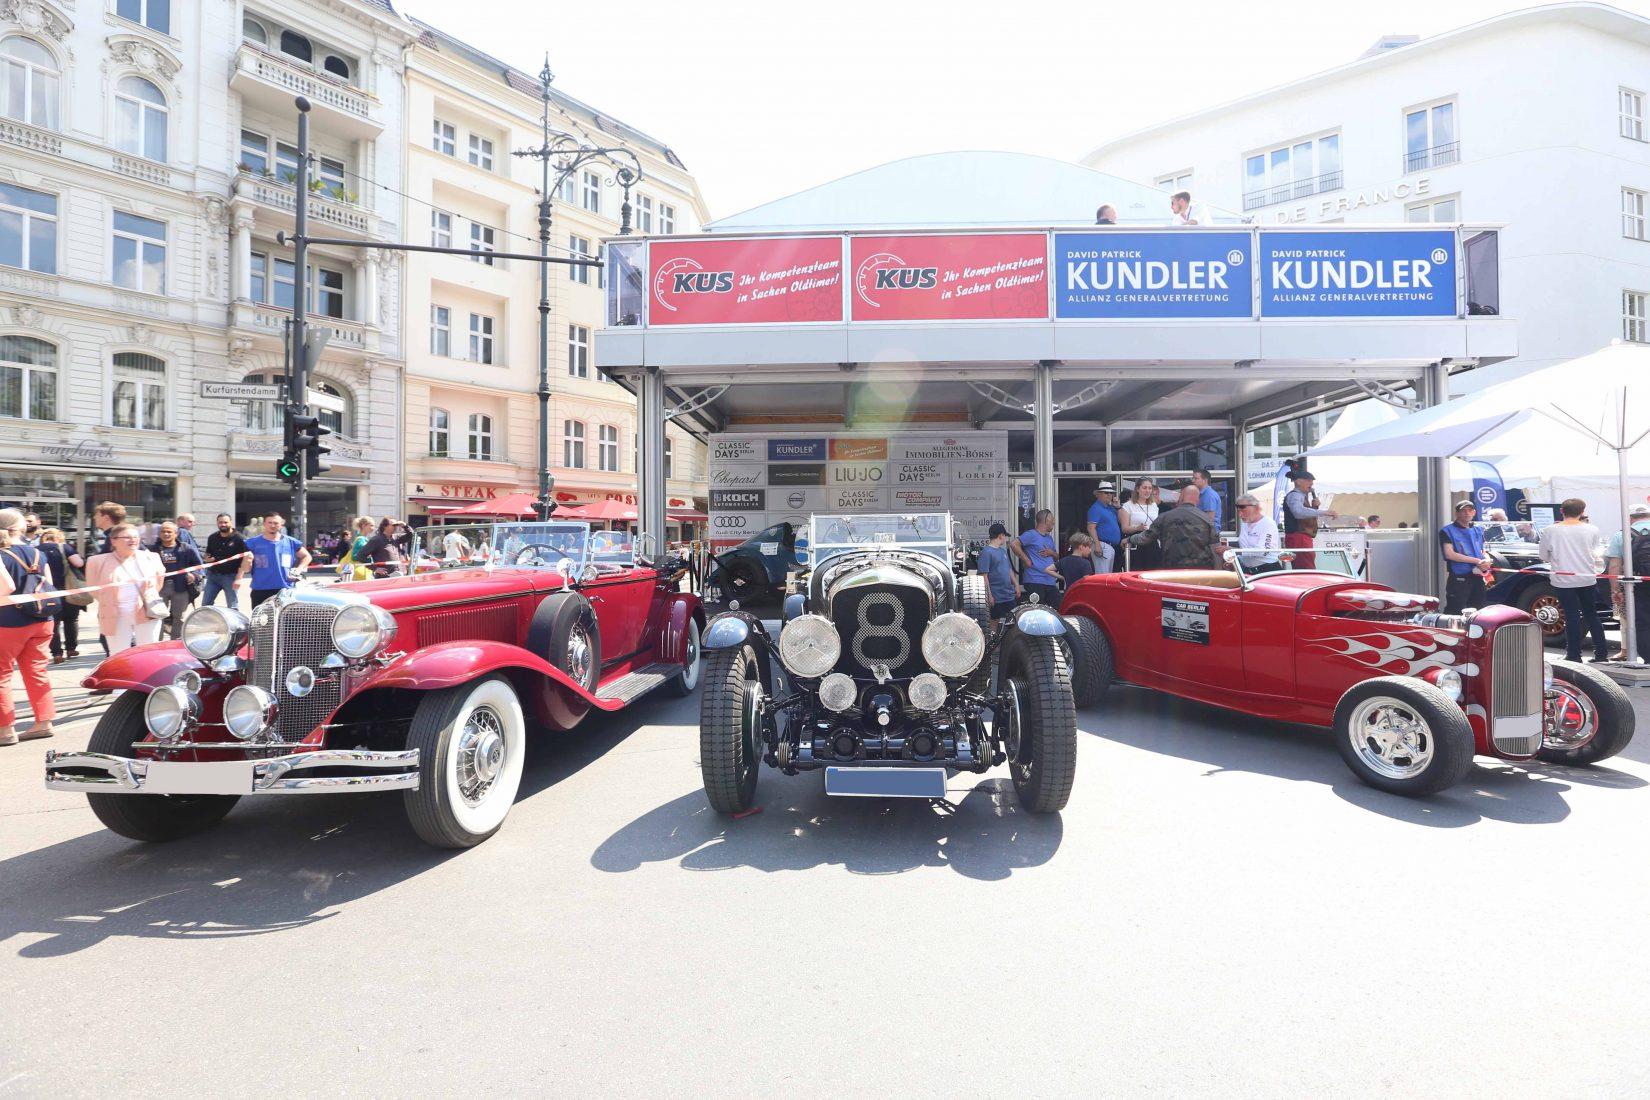 Classic Days Berliin 2019: Oldtimer Fahrzeuge auf dem Kurfürstendamm